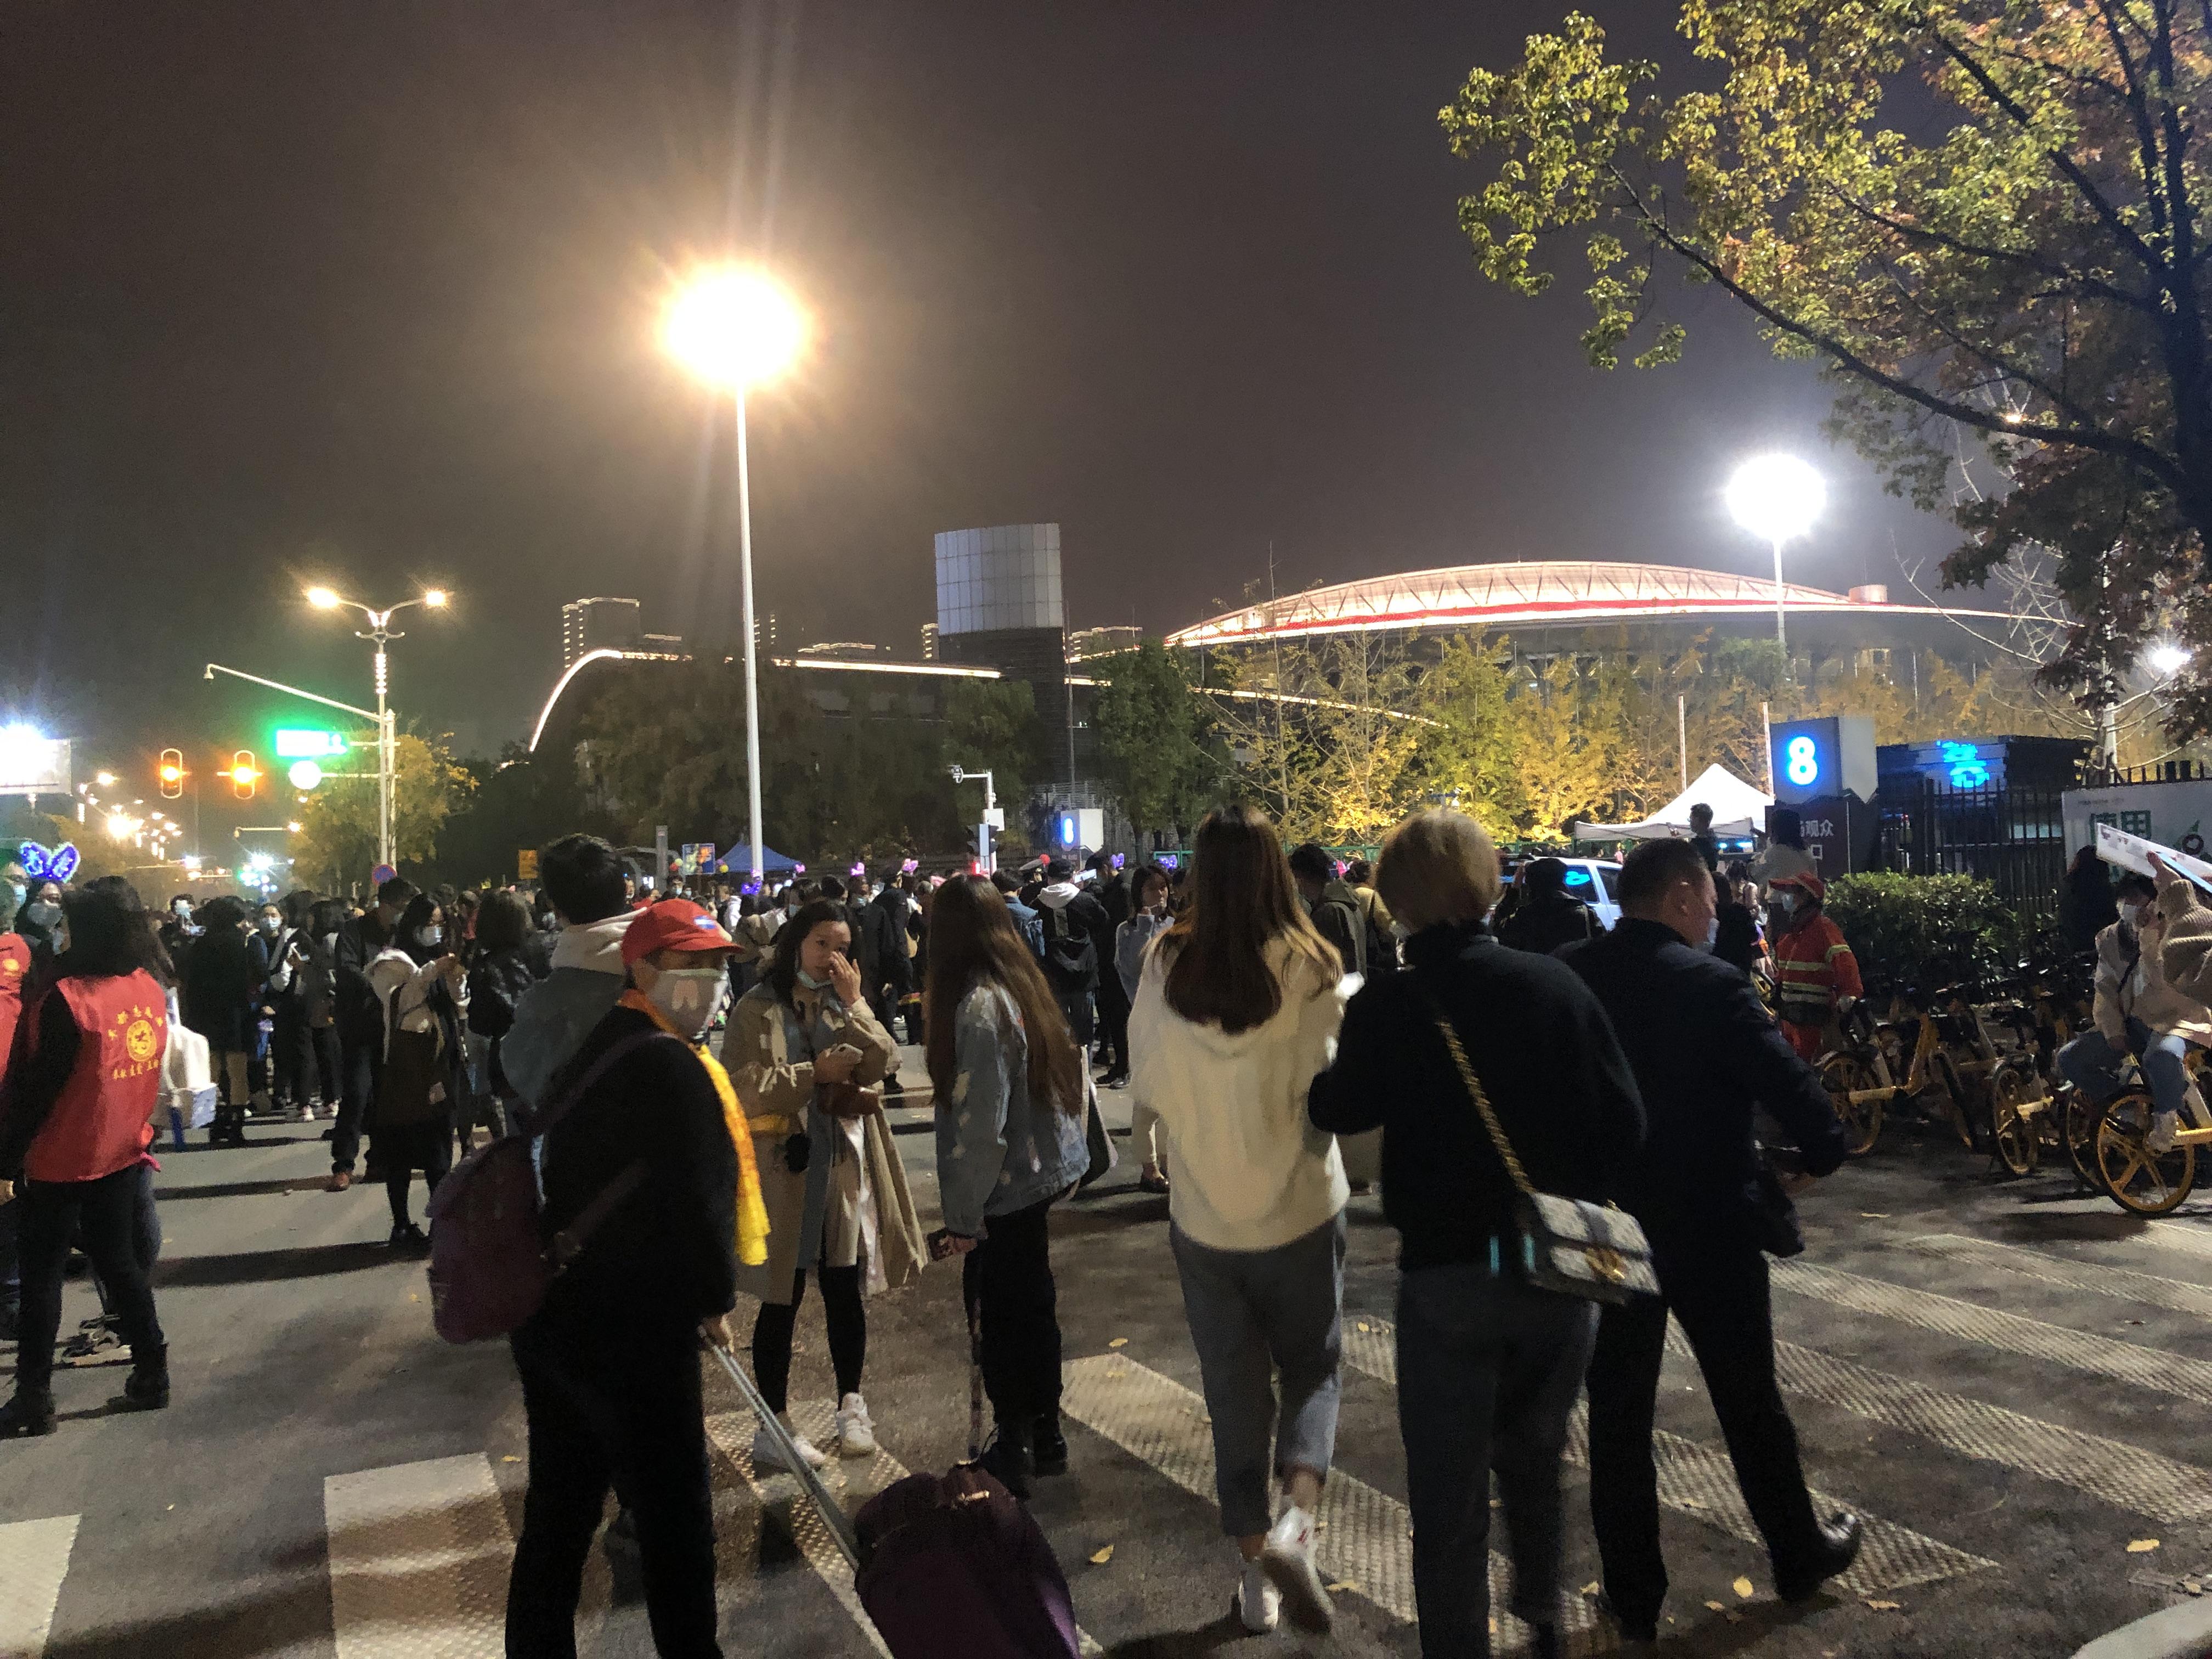 雨中不退场!直击《中国好声音》总决赛现场,一个武汉人的观感